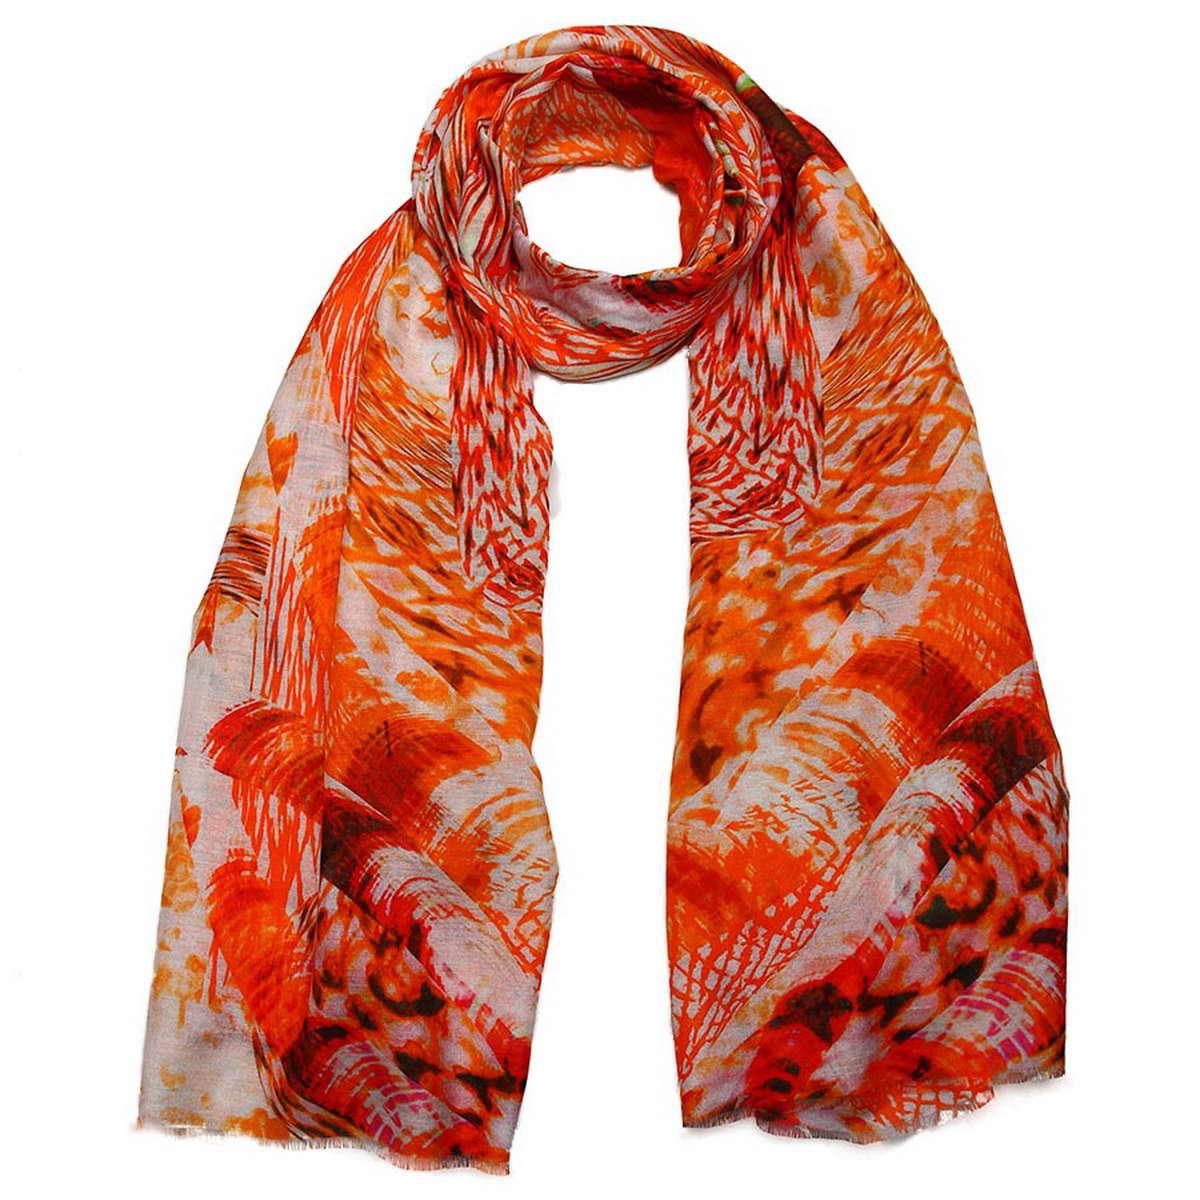 Палантин женский Venera, цвет: красно-оранжевый, белый. 3410641-1. Размер 70 см х 180 см3410641-1Элегантный палантин Venera согреет вас в прохладную погоду и станет достойным завершением вашего образа.Палантин изготовлен из хлопка с добавлением шелка и оформлен гипнотическим принтом. Такой палантин отлично держит форму и красиво драпируется, а как же превосходно дополнит любой ваш наряд и подчеркнет изысканный вкус.